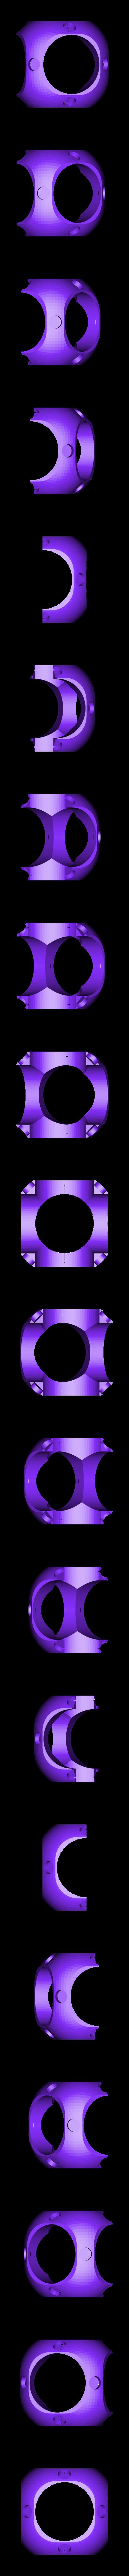 porta-fort_fortnite_B.stl Download free STL file Porta-Fort (Fortnite) • 3D print template, MuSSy